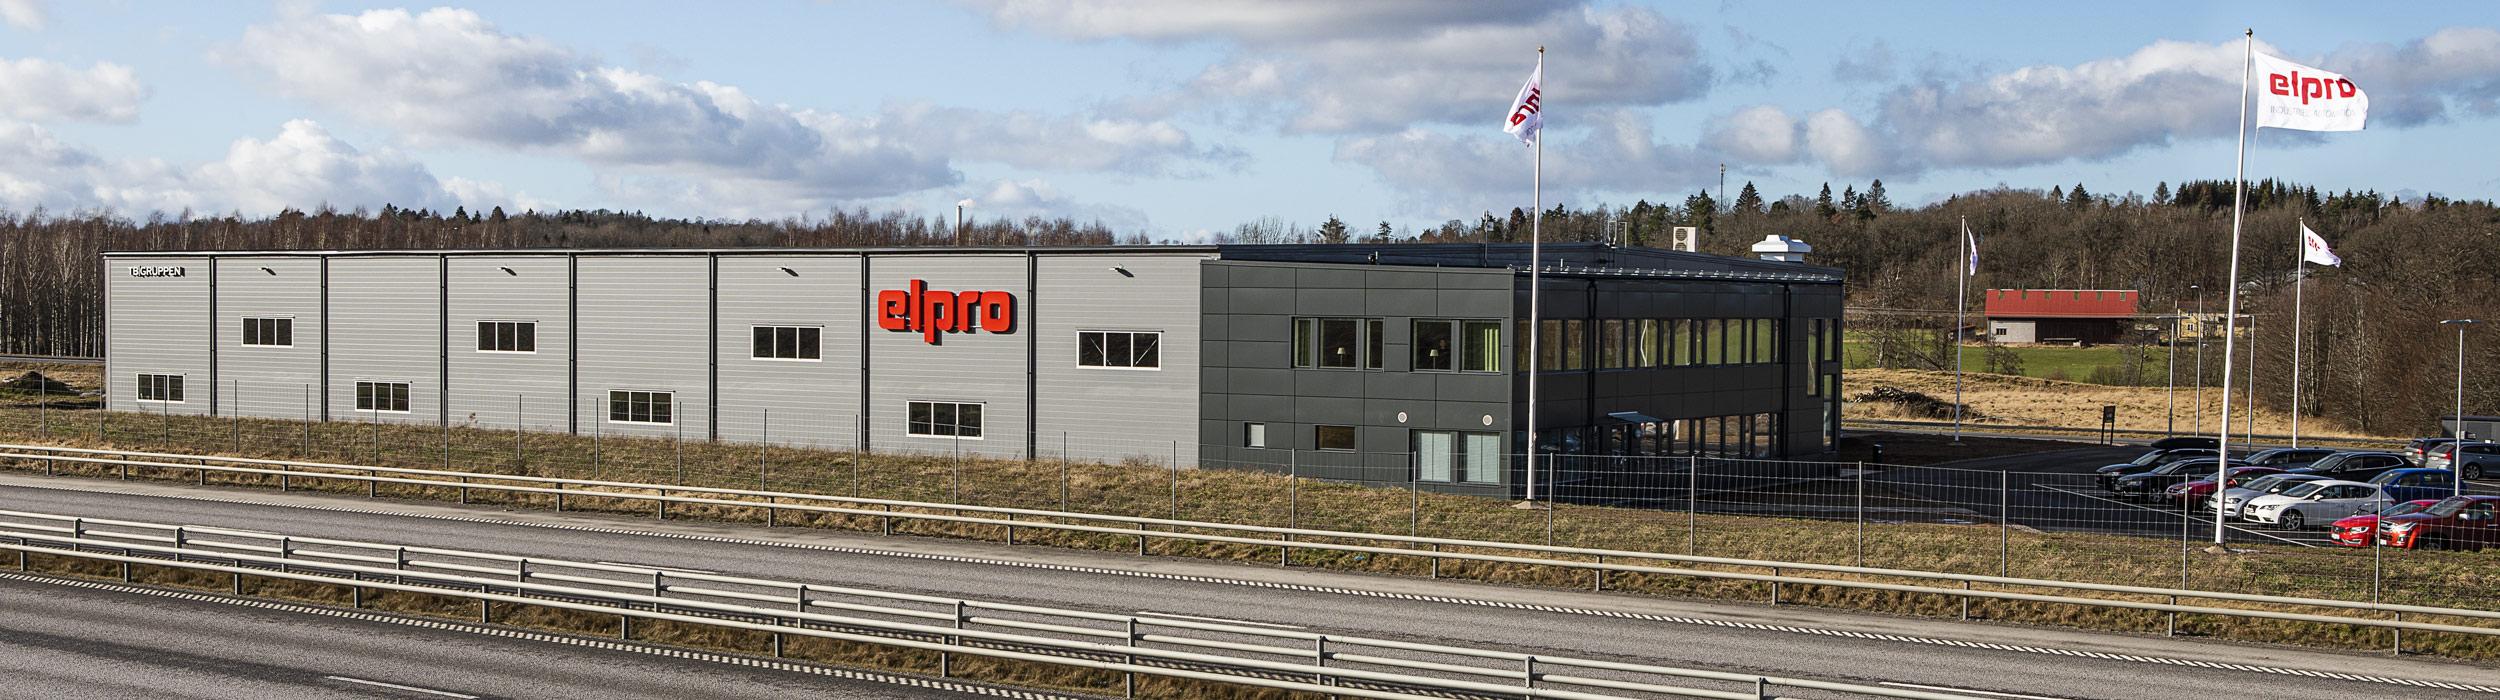 Elpro i Alingsås Leveranser sker till Tokebackavägen 22 och besökare välkomnas till Tokebackavägen 20. Välkomna!